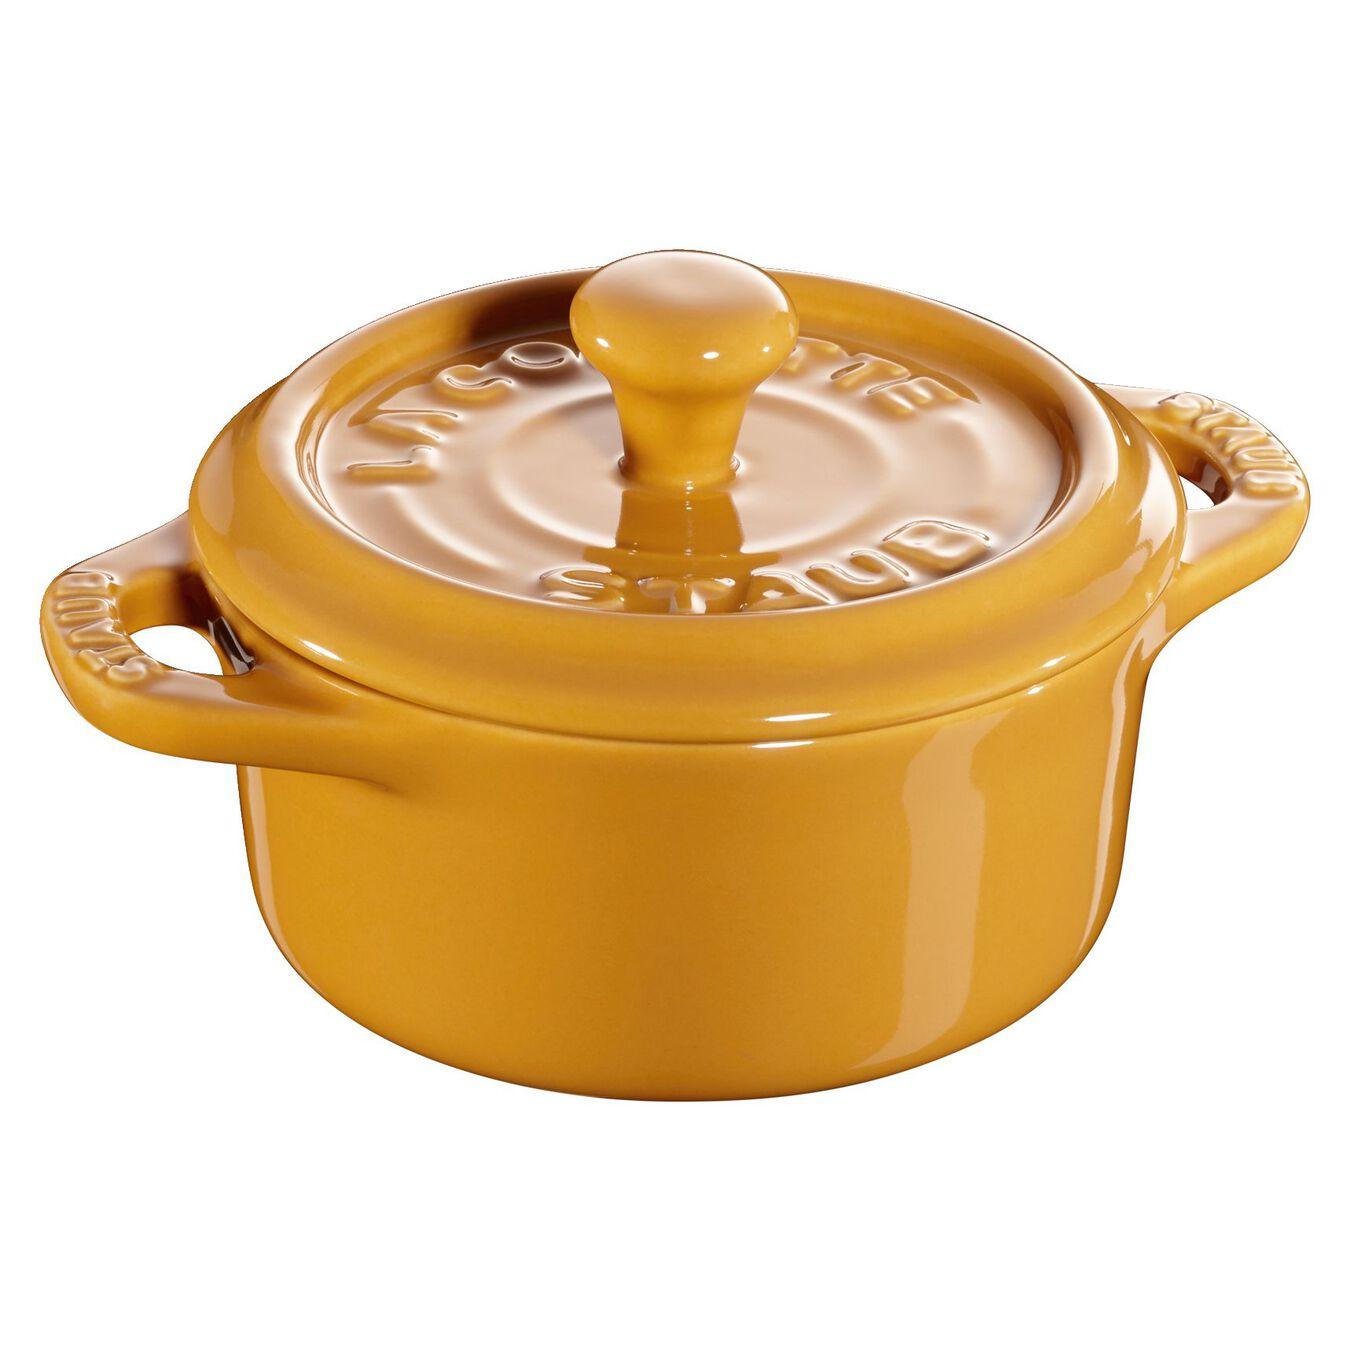 Mini Cocotte 10 cm, Rond(e), Moutarde, Céramique,,large 1